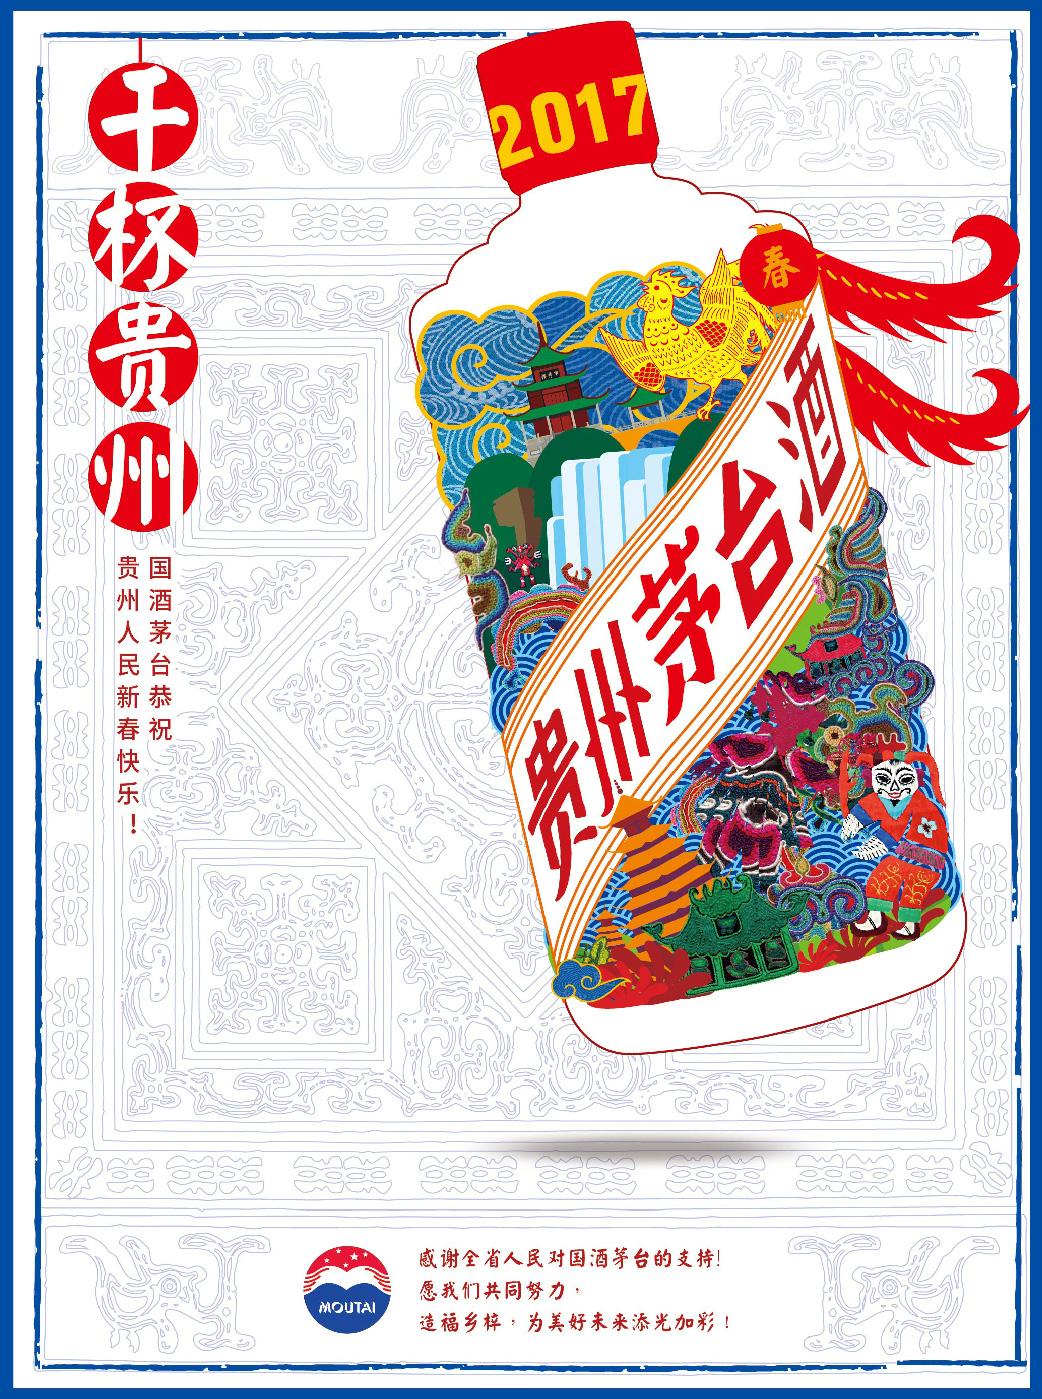 上海鹿马广告案例_国酒茅台酒系列海报2